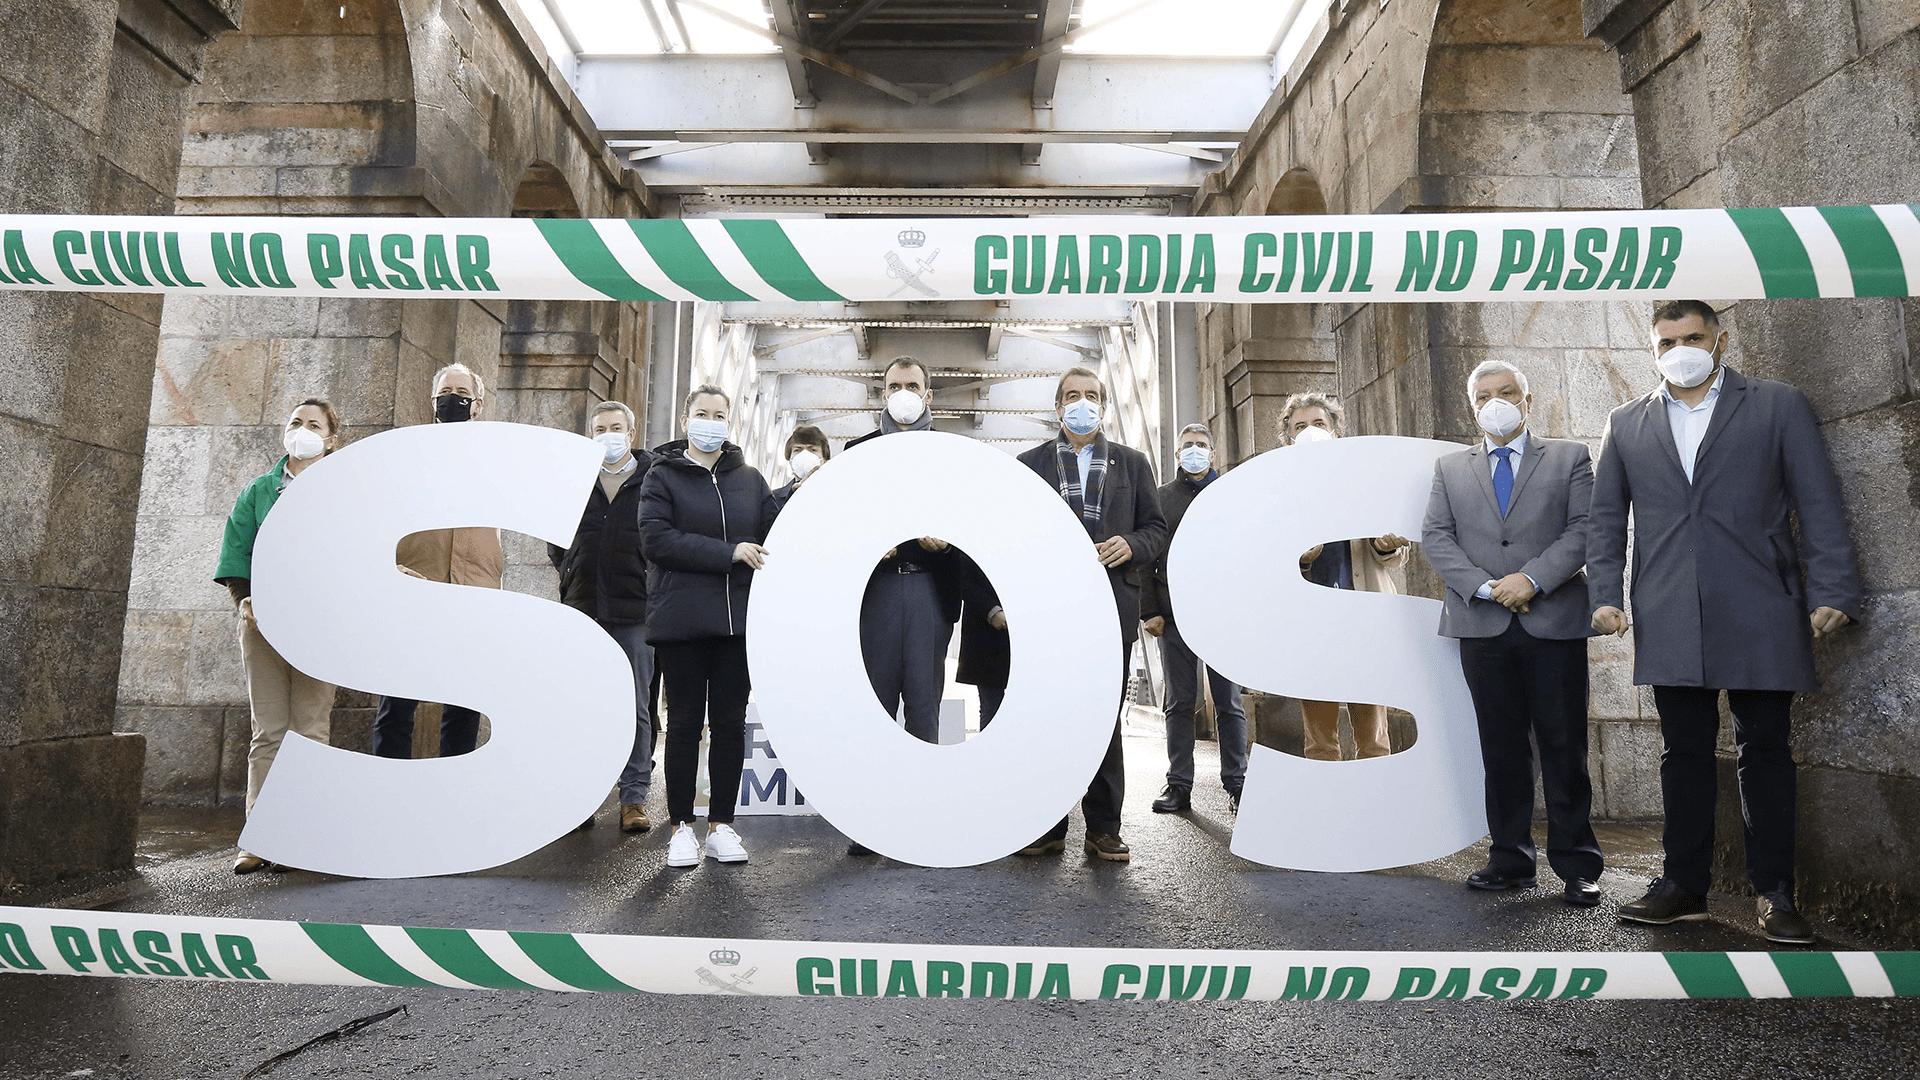 """O AECT Minho considera as medidas para abrir a fronteira com Portugal """"insuficientes"""" e irá incrementar os protestos"""